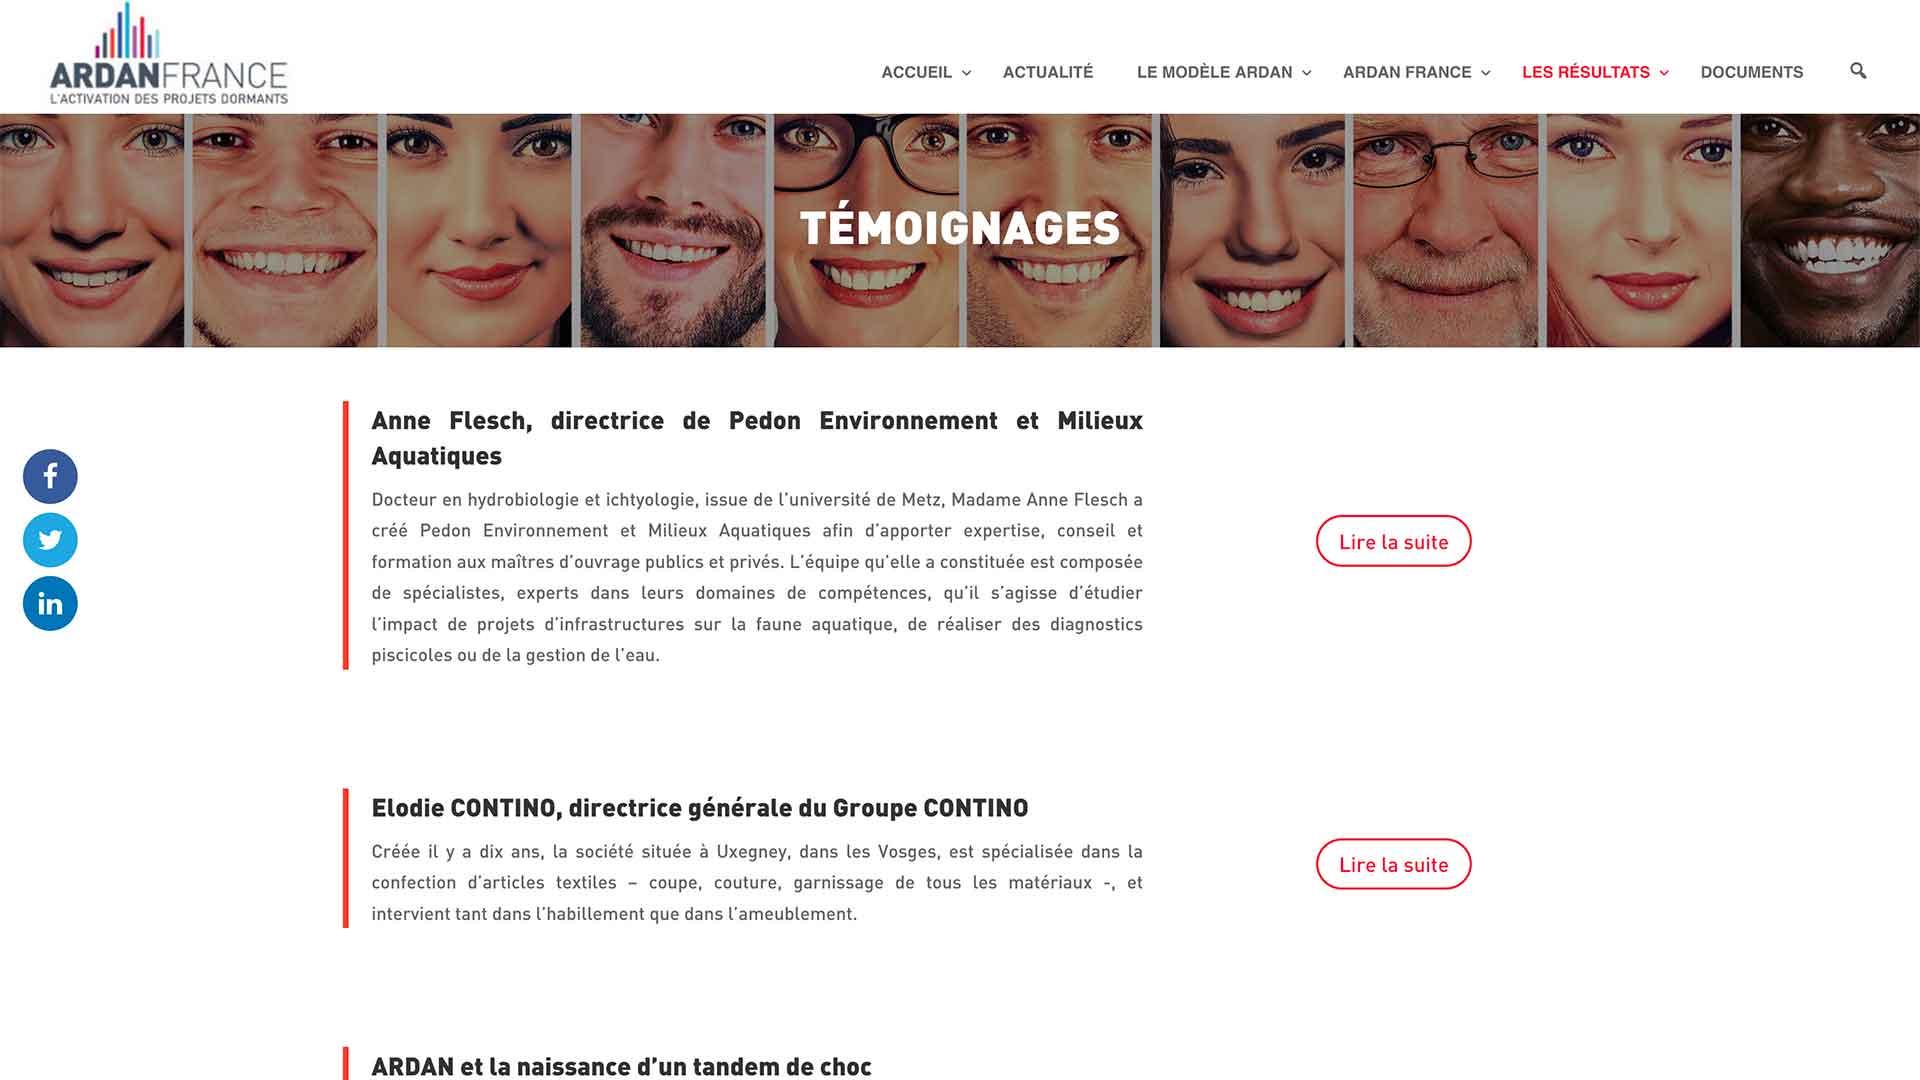 Ardan-France-Temoignages